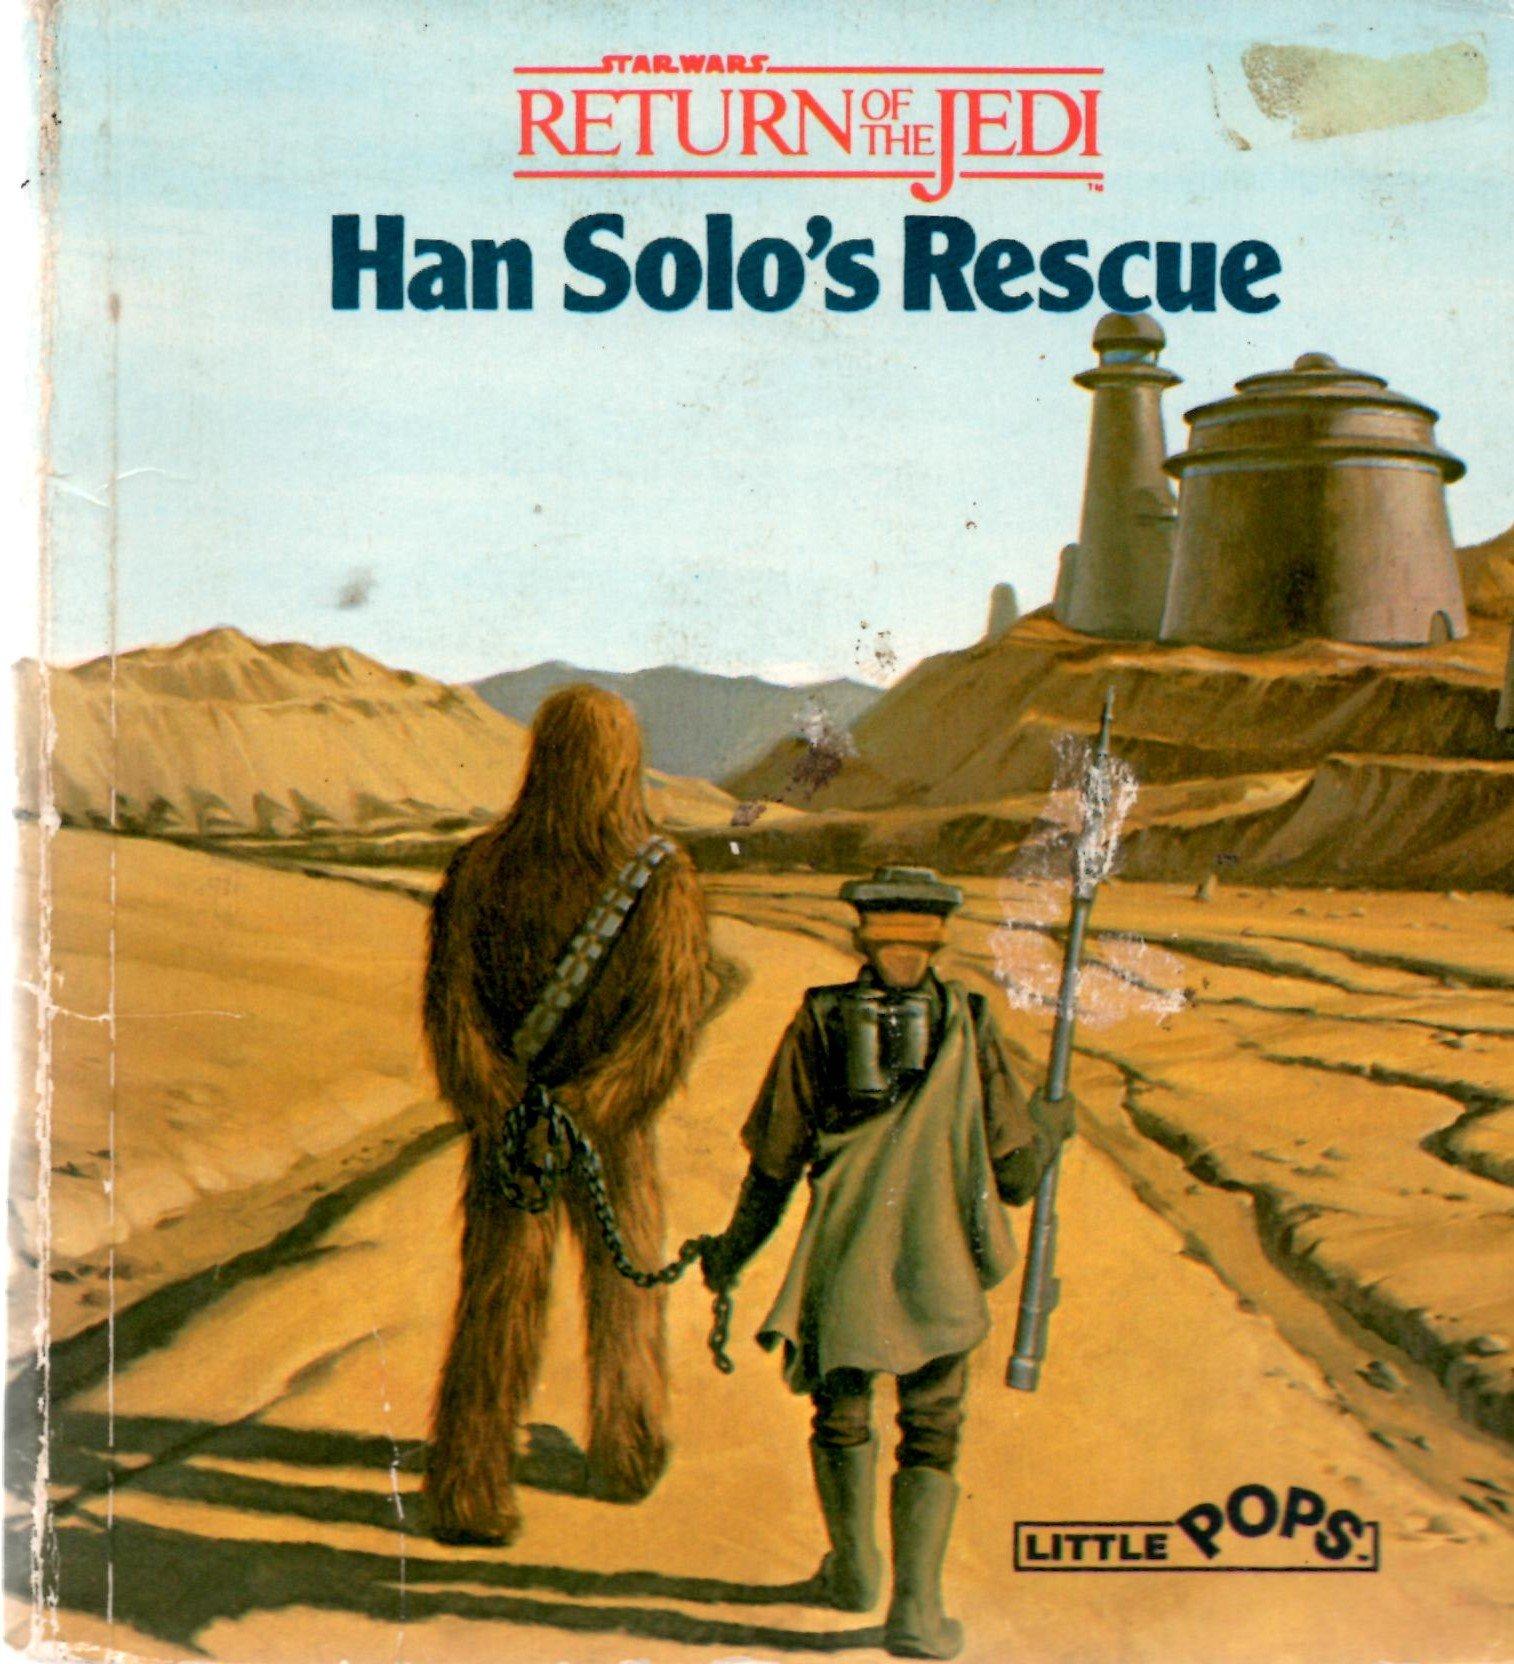 Han Solo's Rescue